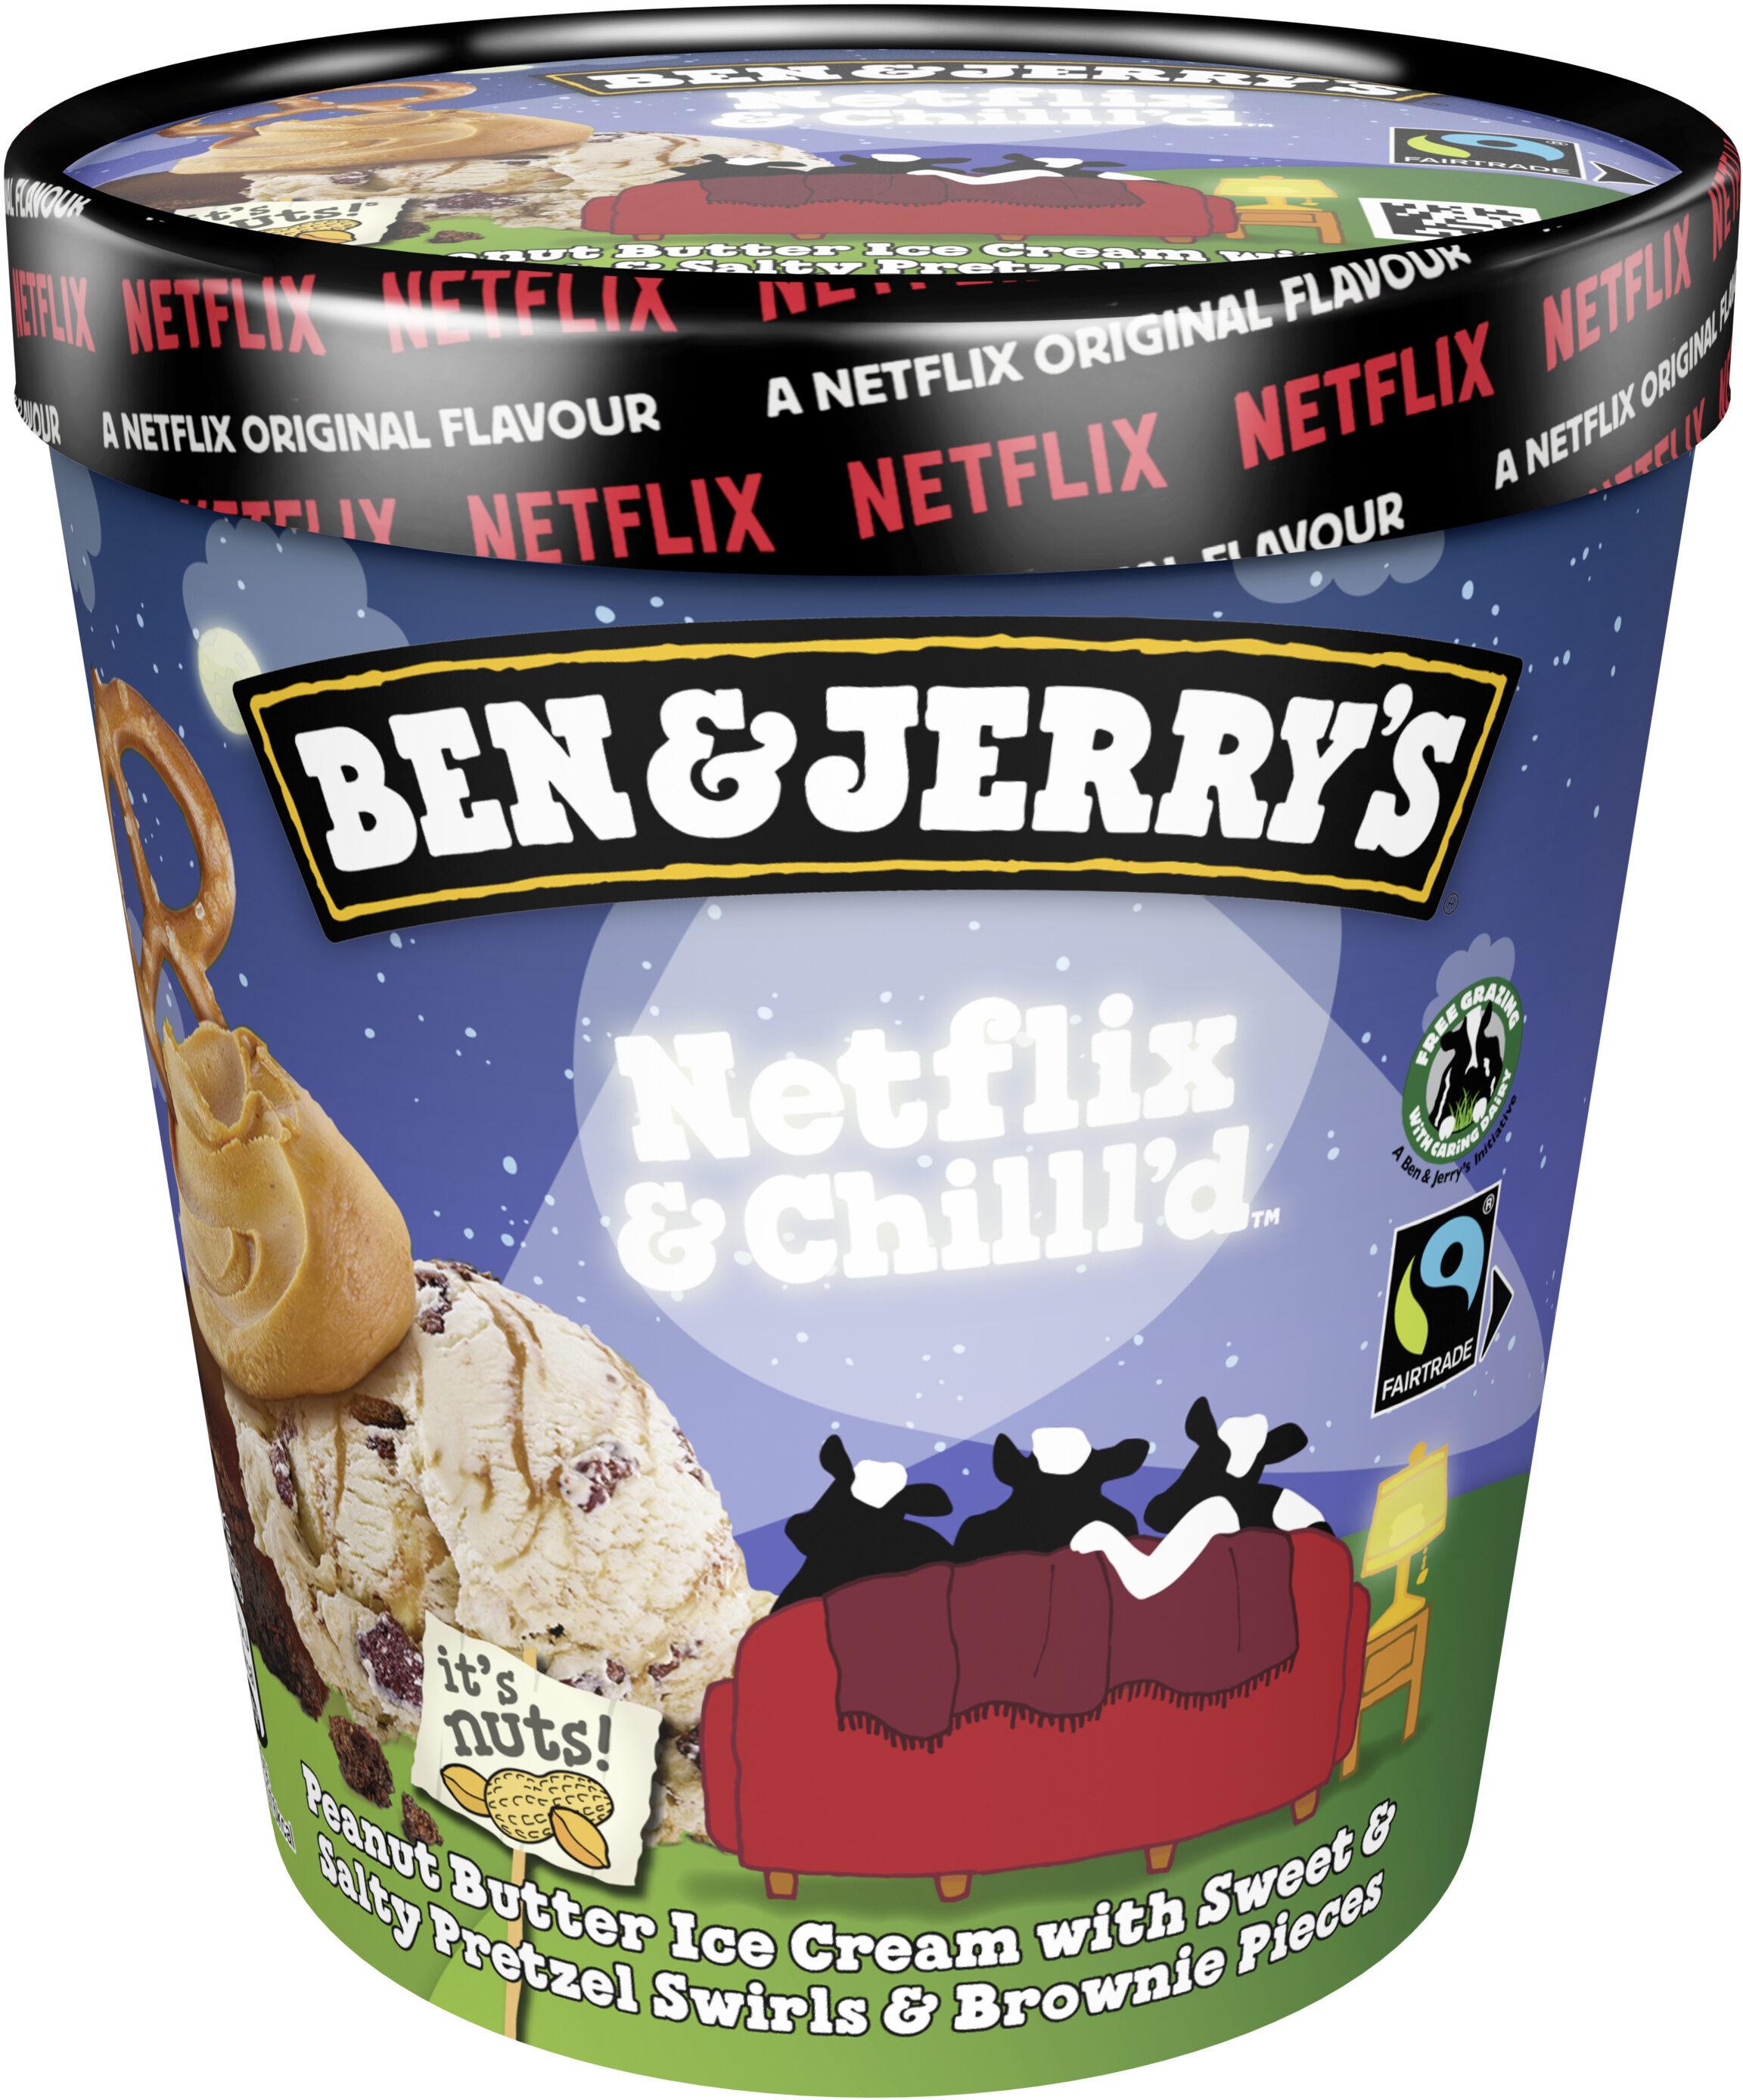 Ben & Jerry's Netflix & Chill'd - Produit - fr